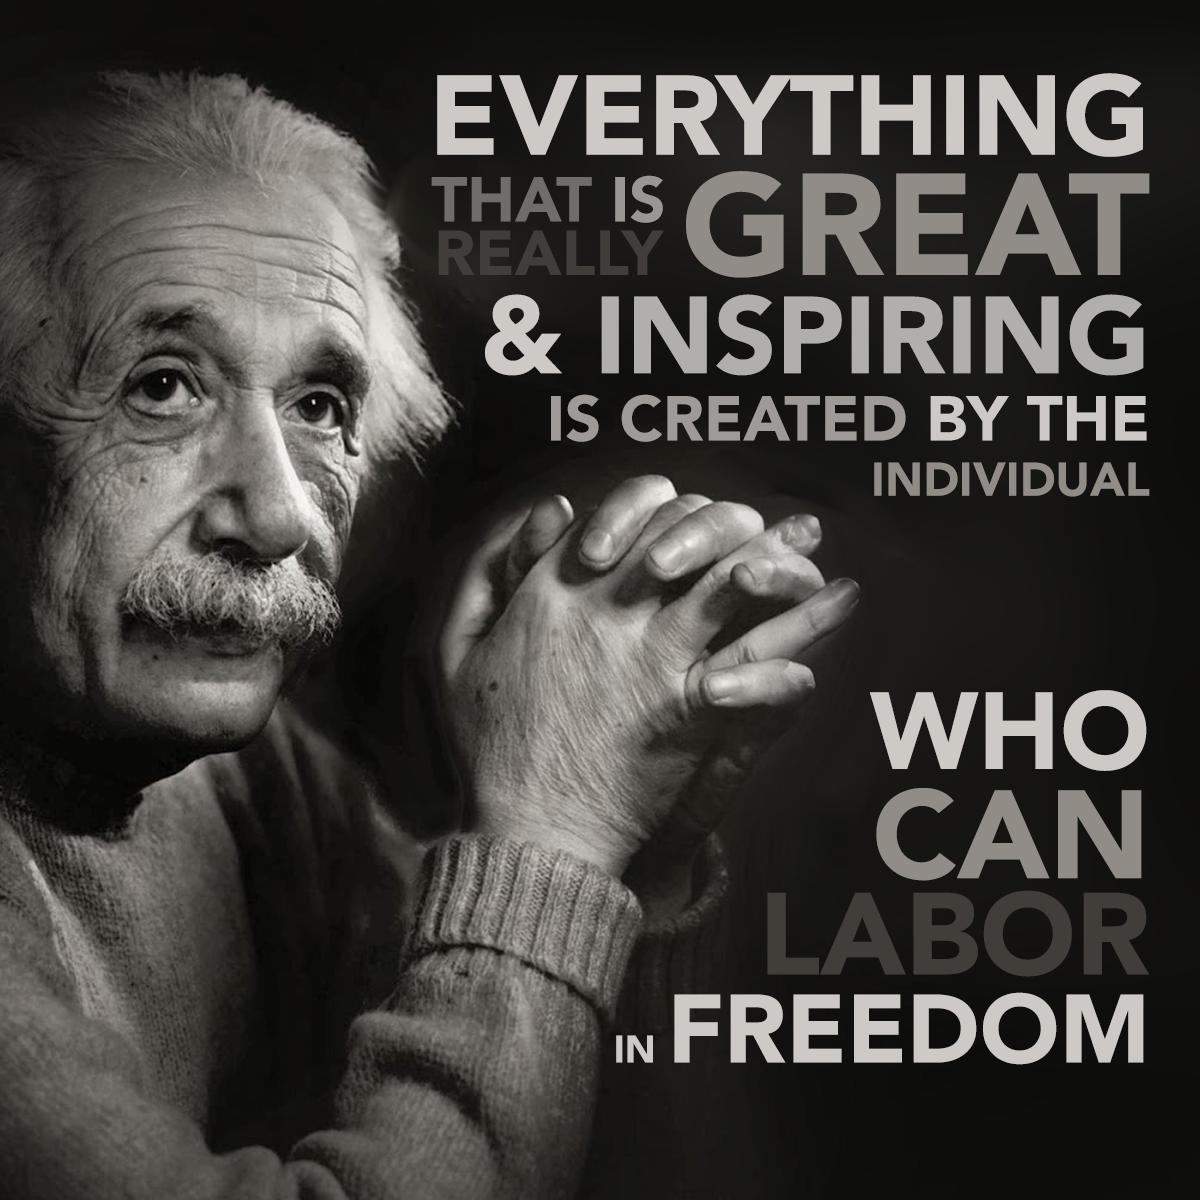 20140319_RevMsg_FreedomV1.png